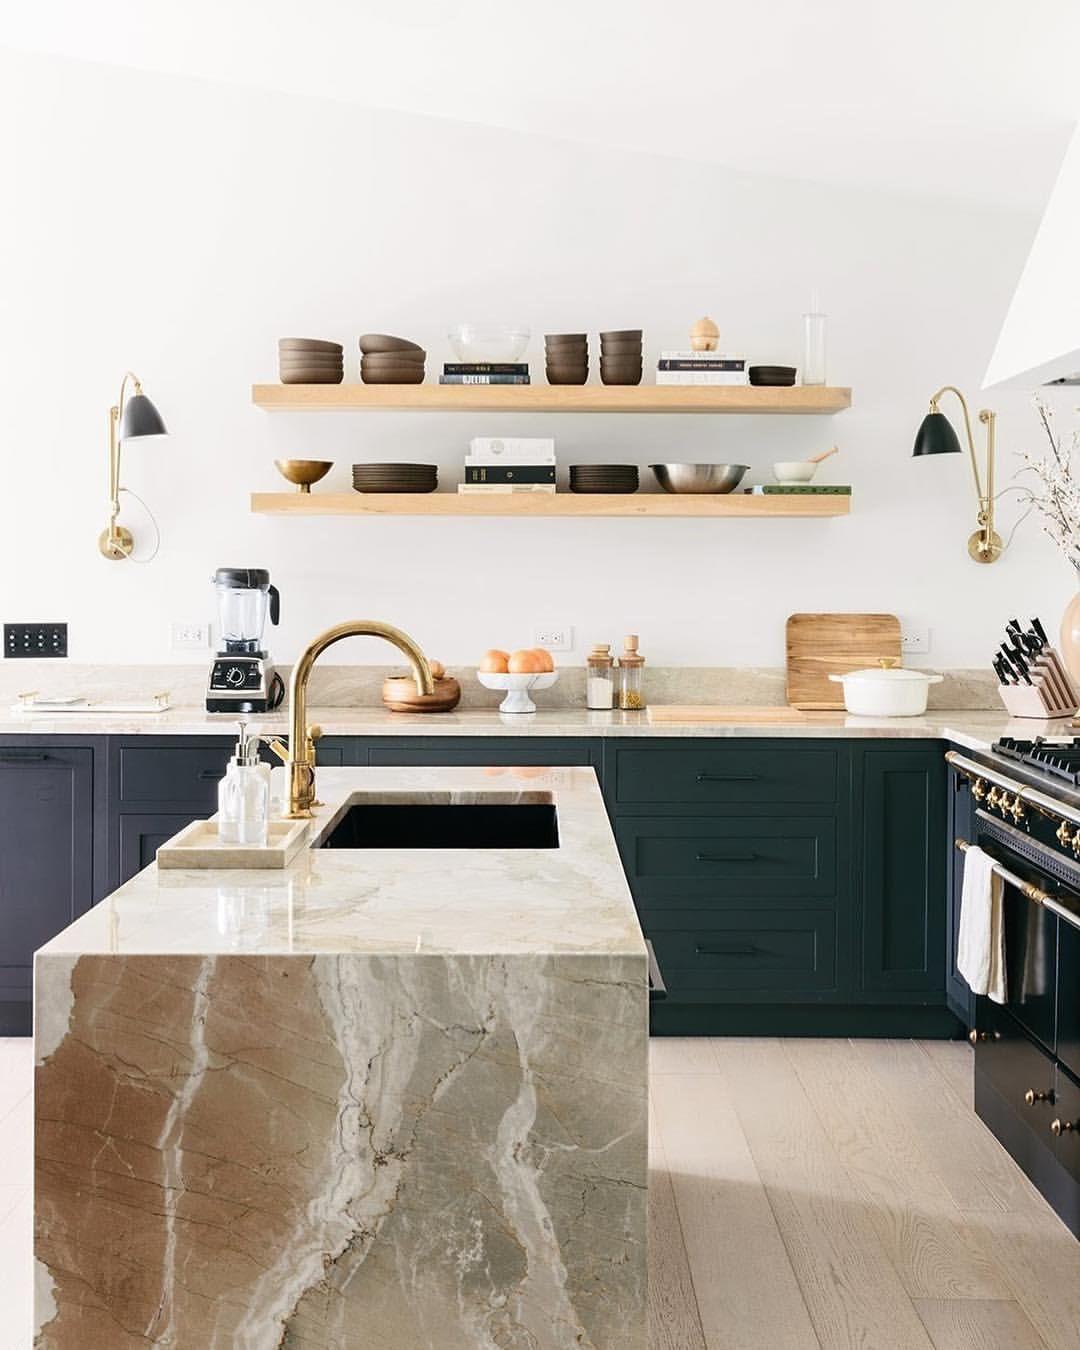 Pin von Rachel Spottswood auf   For the Home     Pinterest   Küche ...